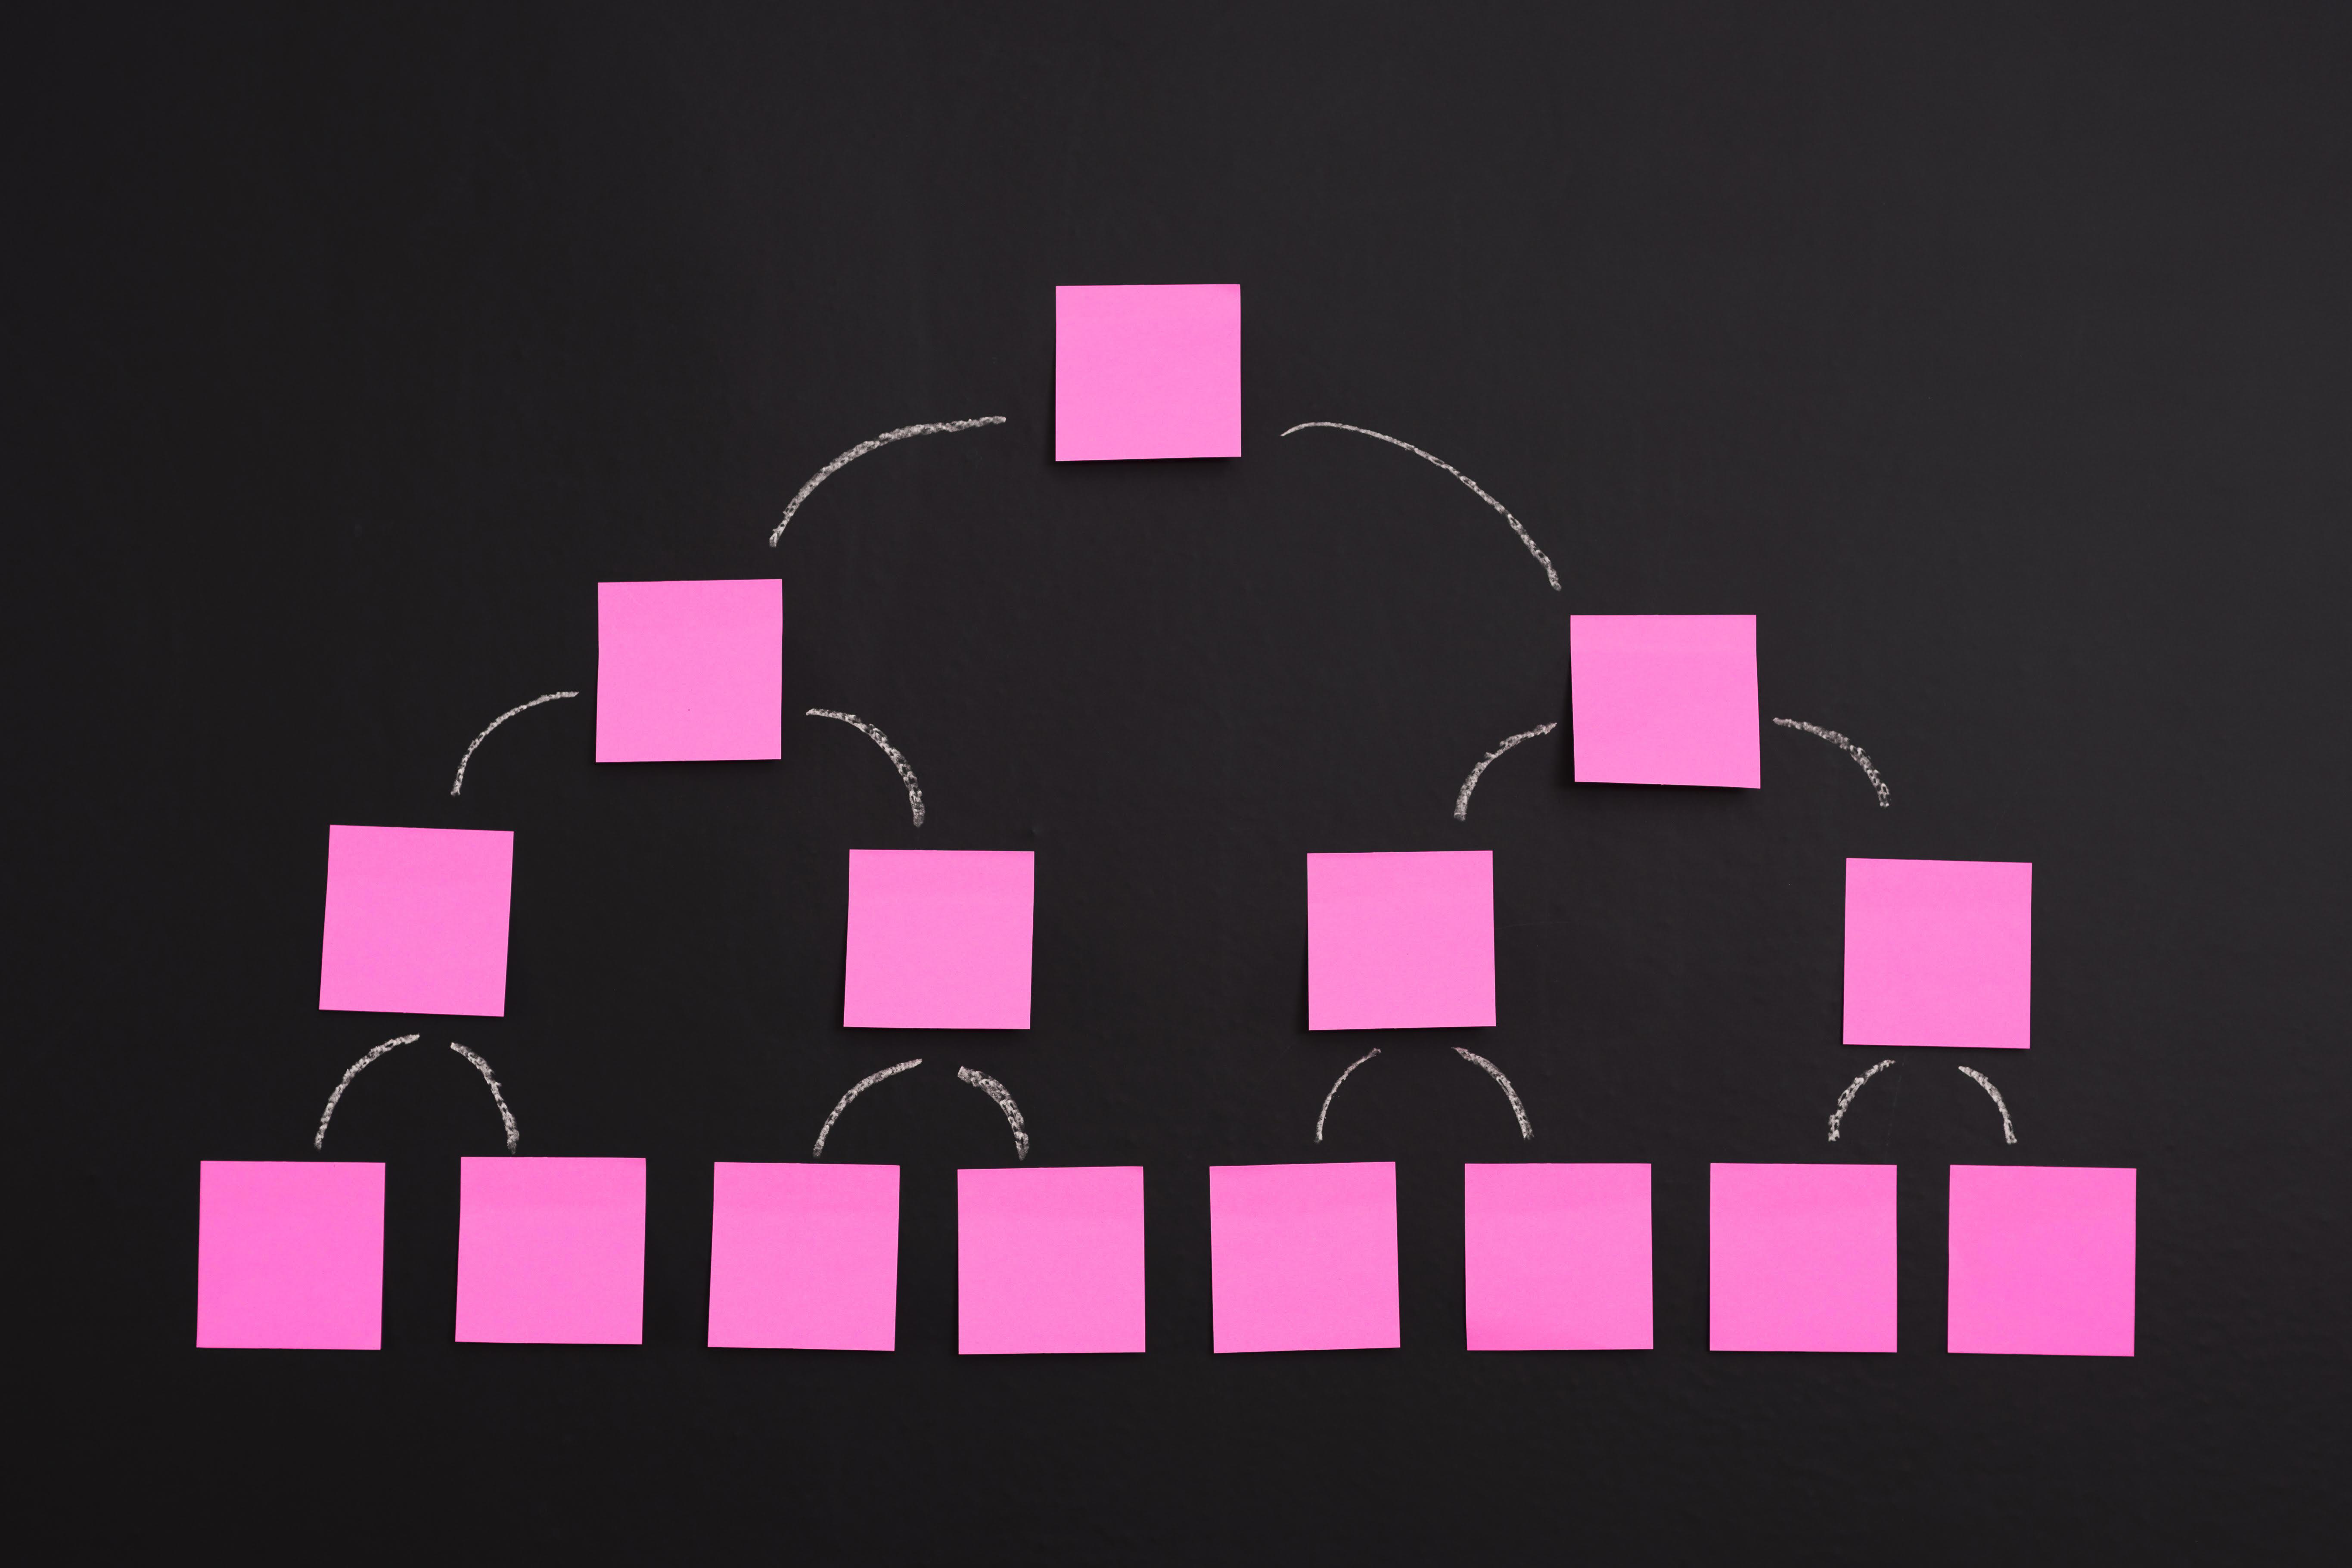 El talento humano en una empresa debe identificarse y estimularse.